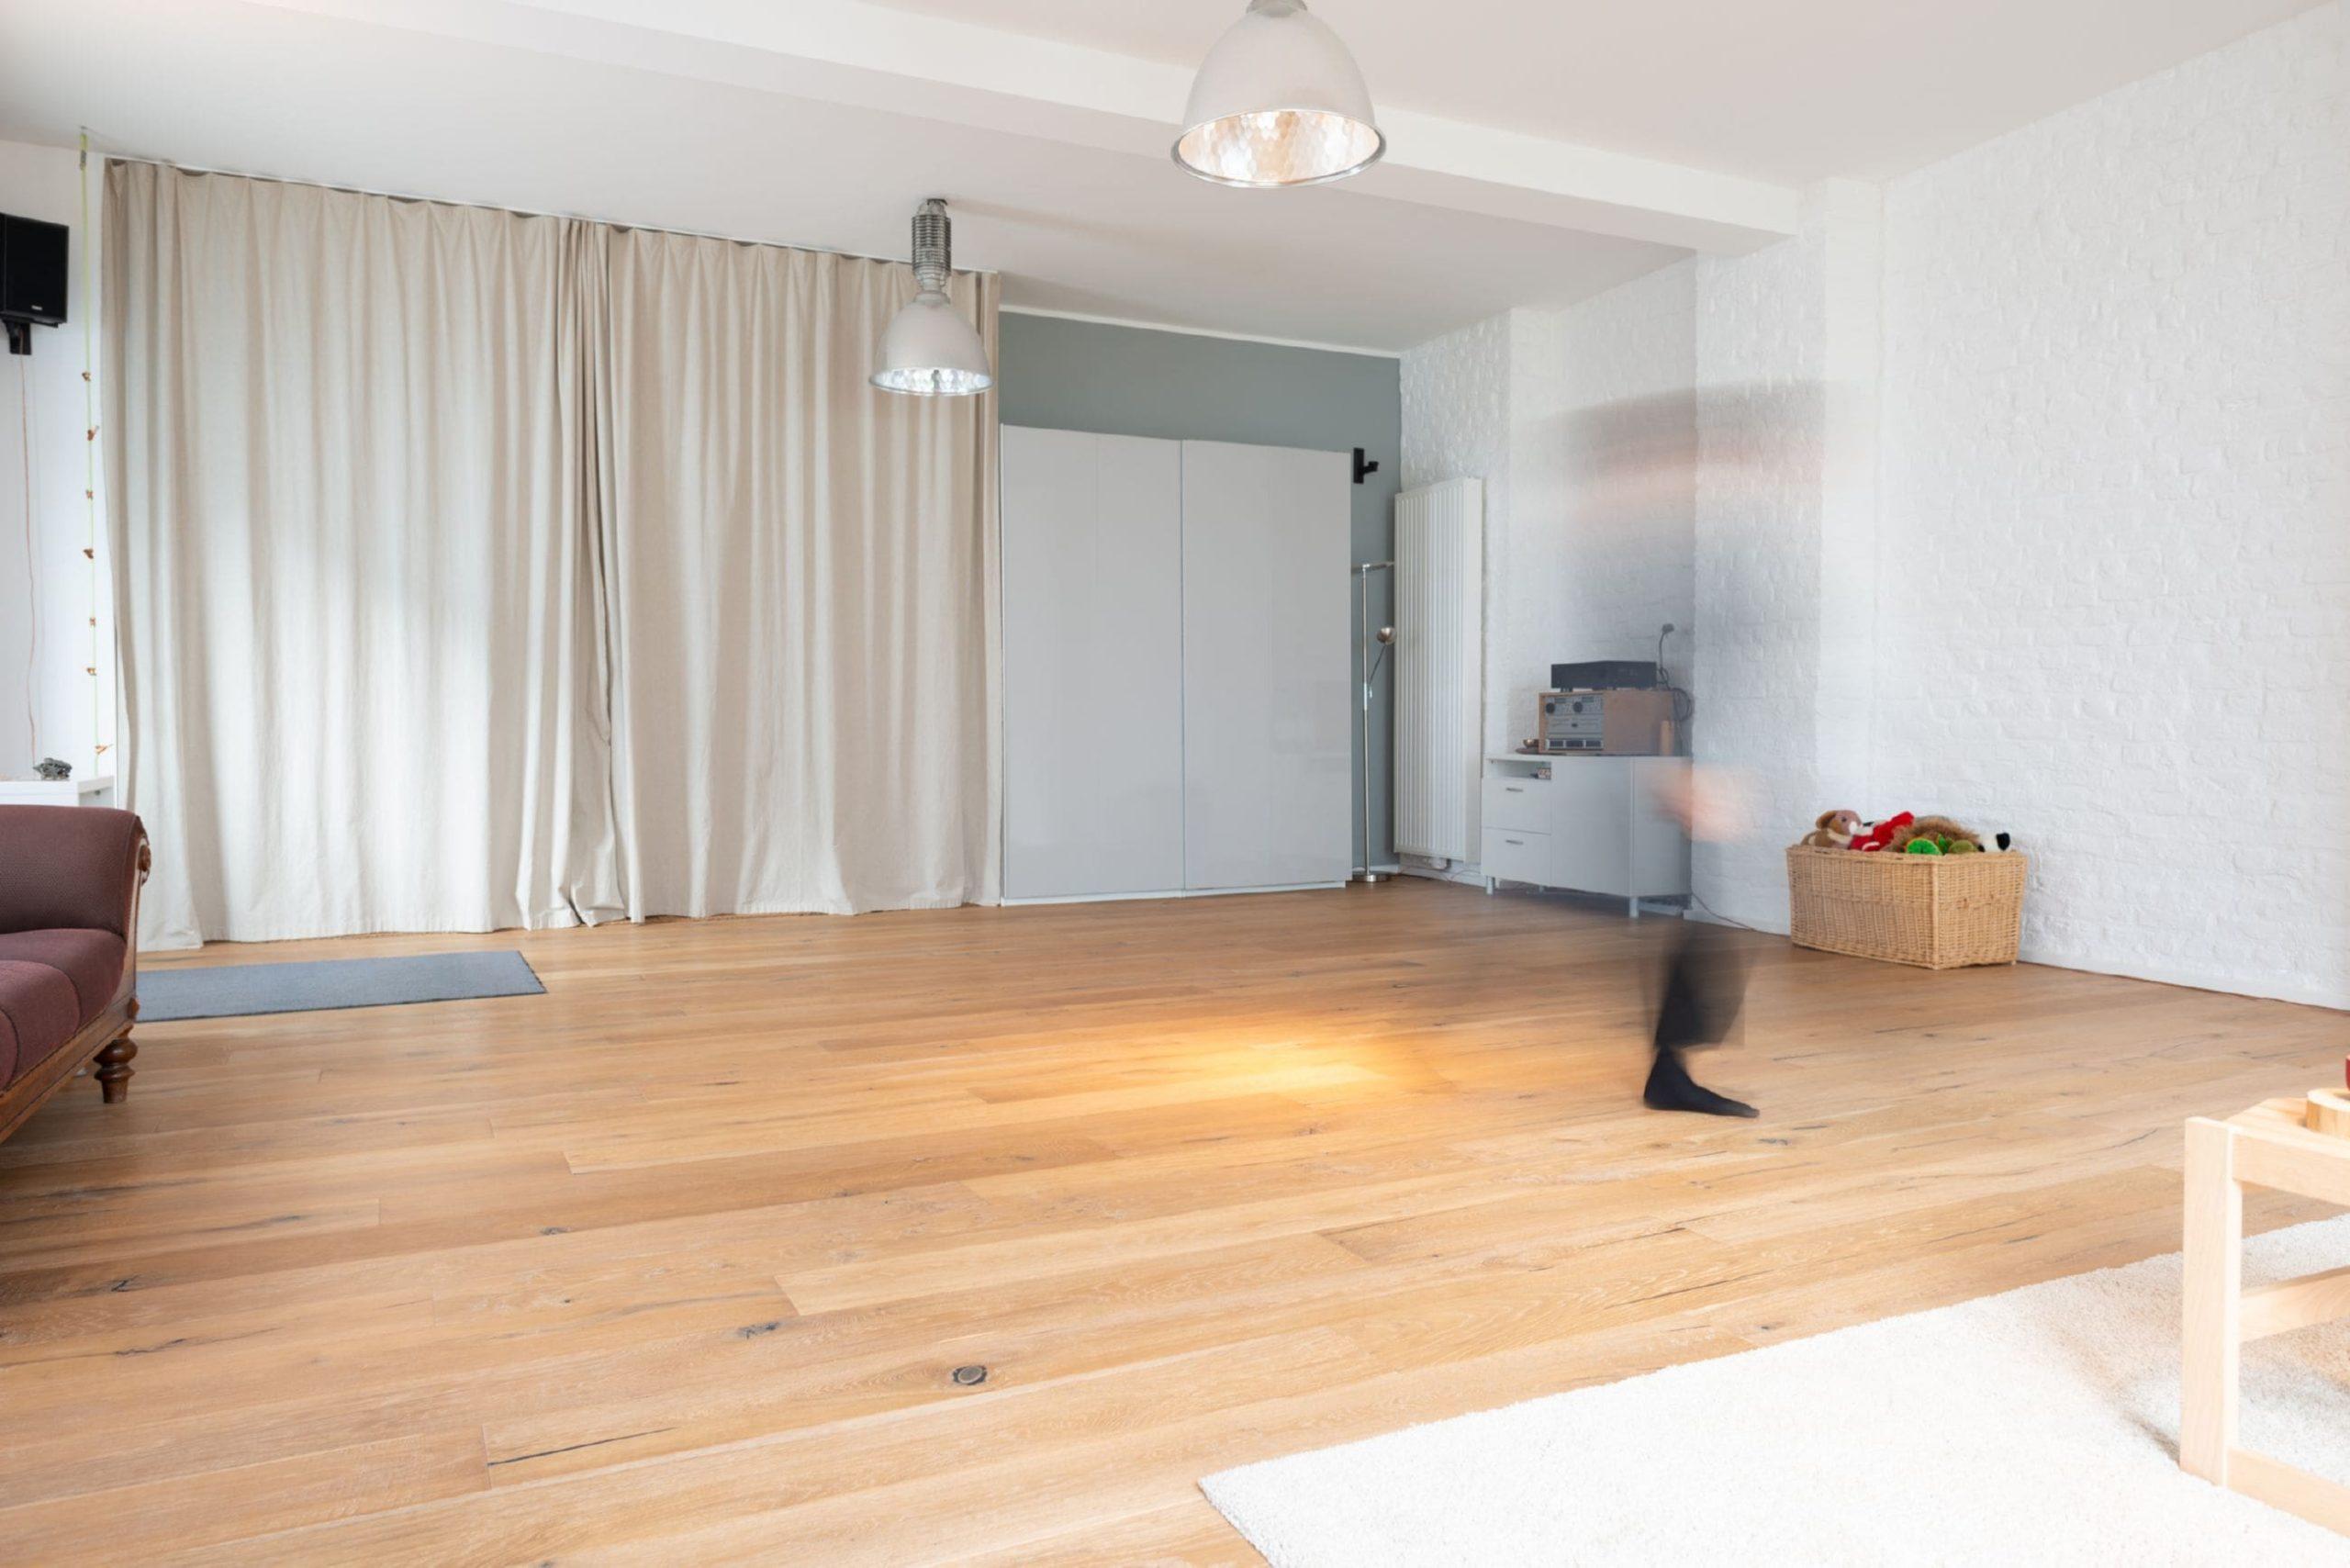 Beratung, Supervision & Psychotherapie in Aachen - Bildergalerie der Praxis